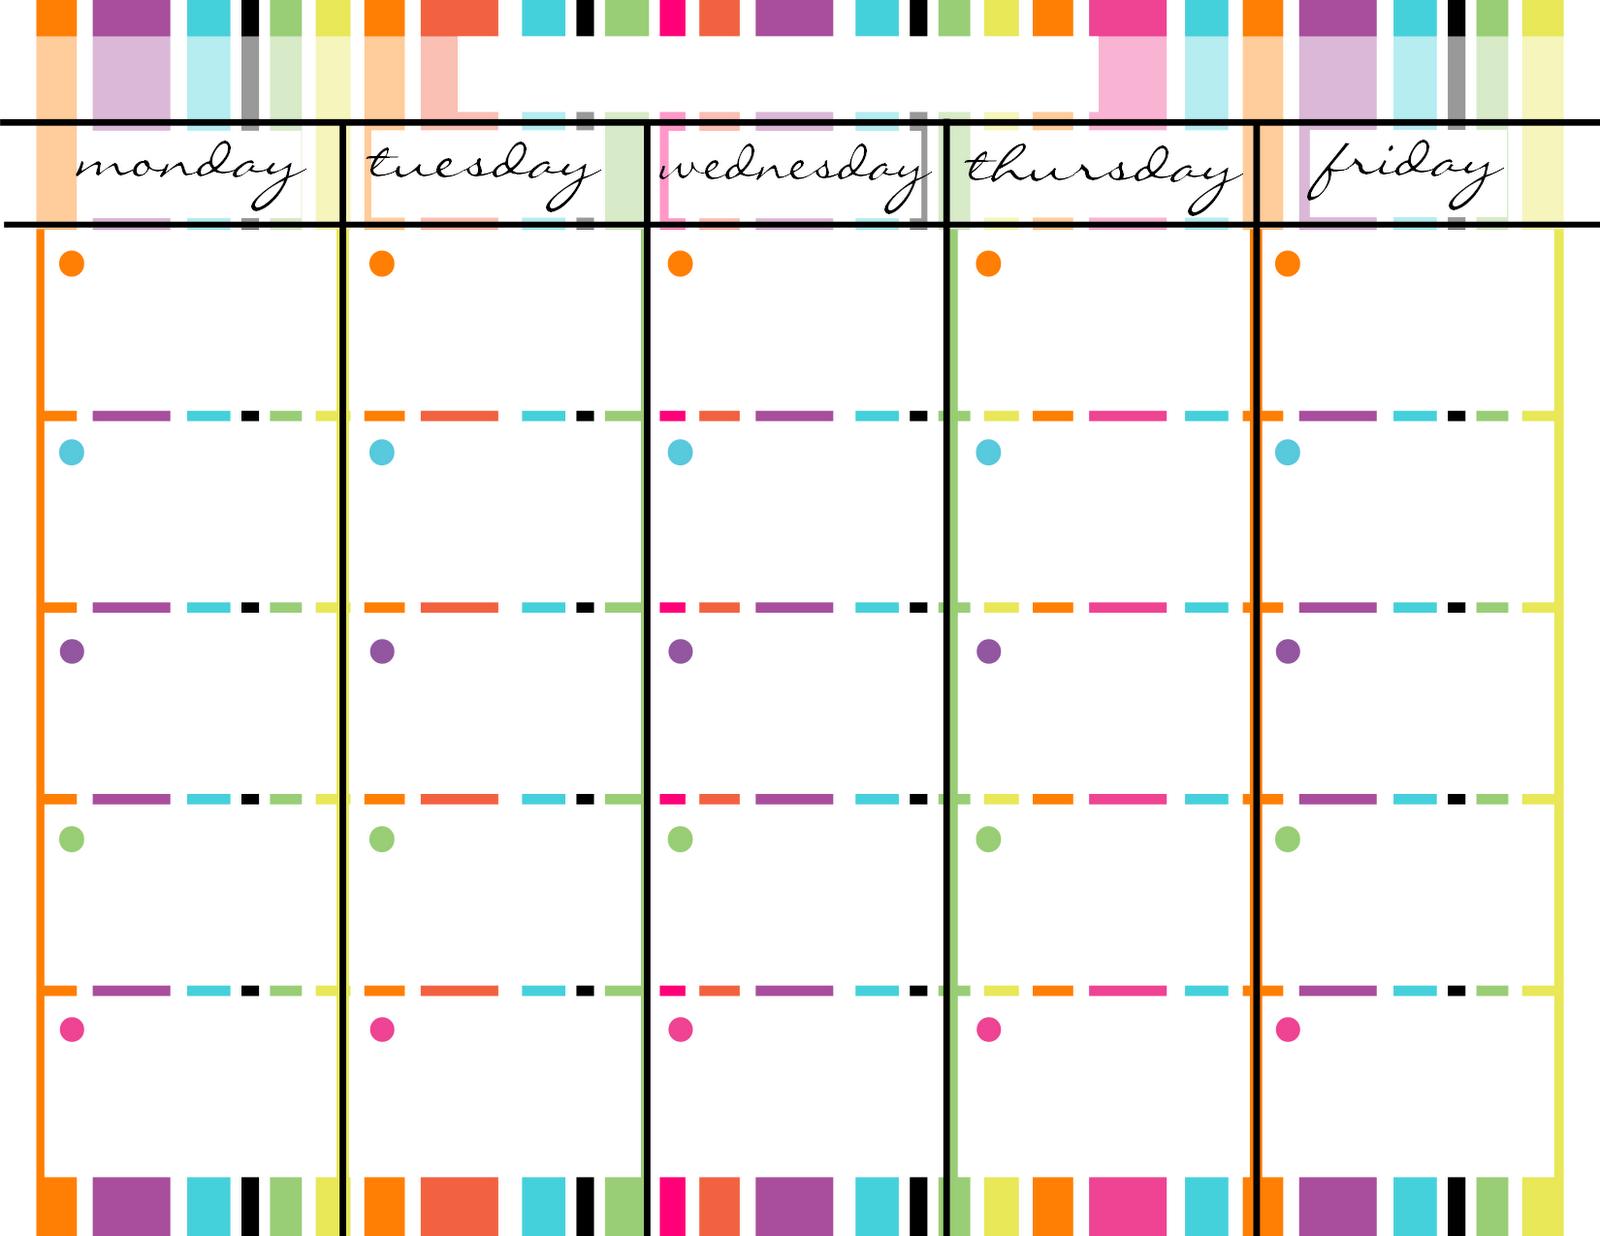 Blank Monday Through Friday Printable Calendar | School